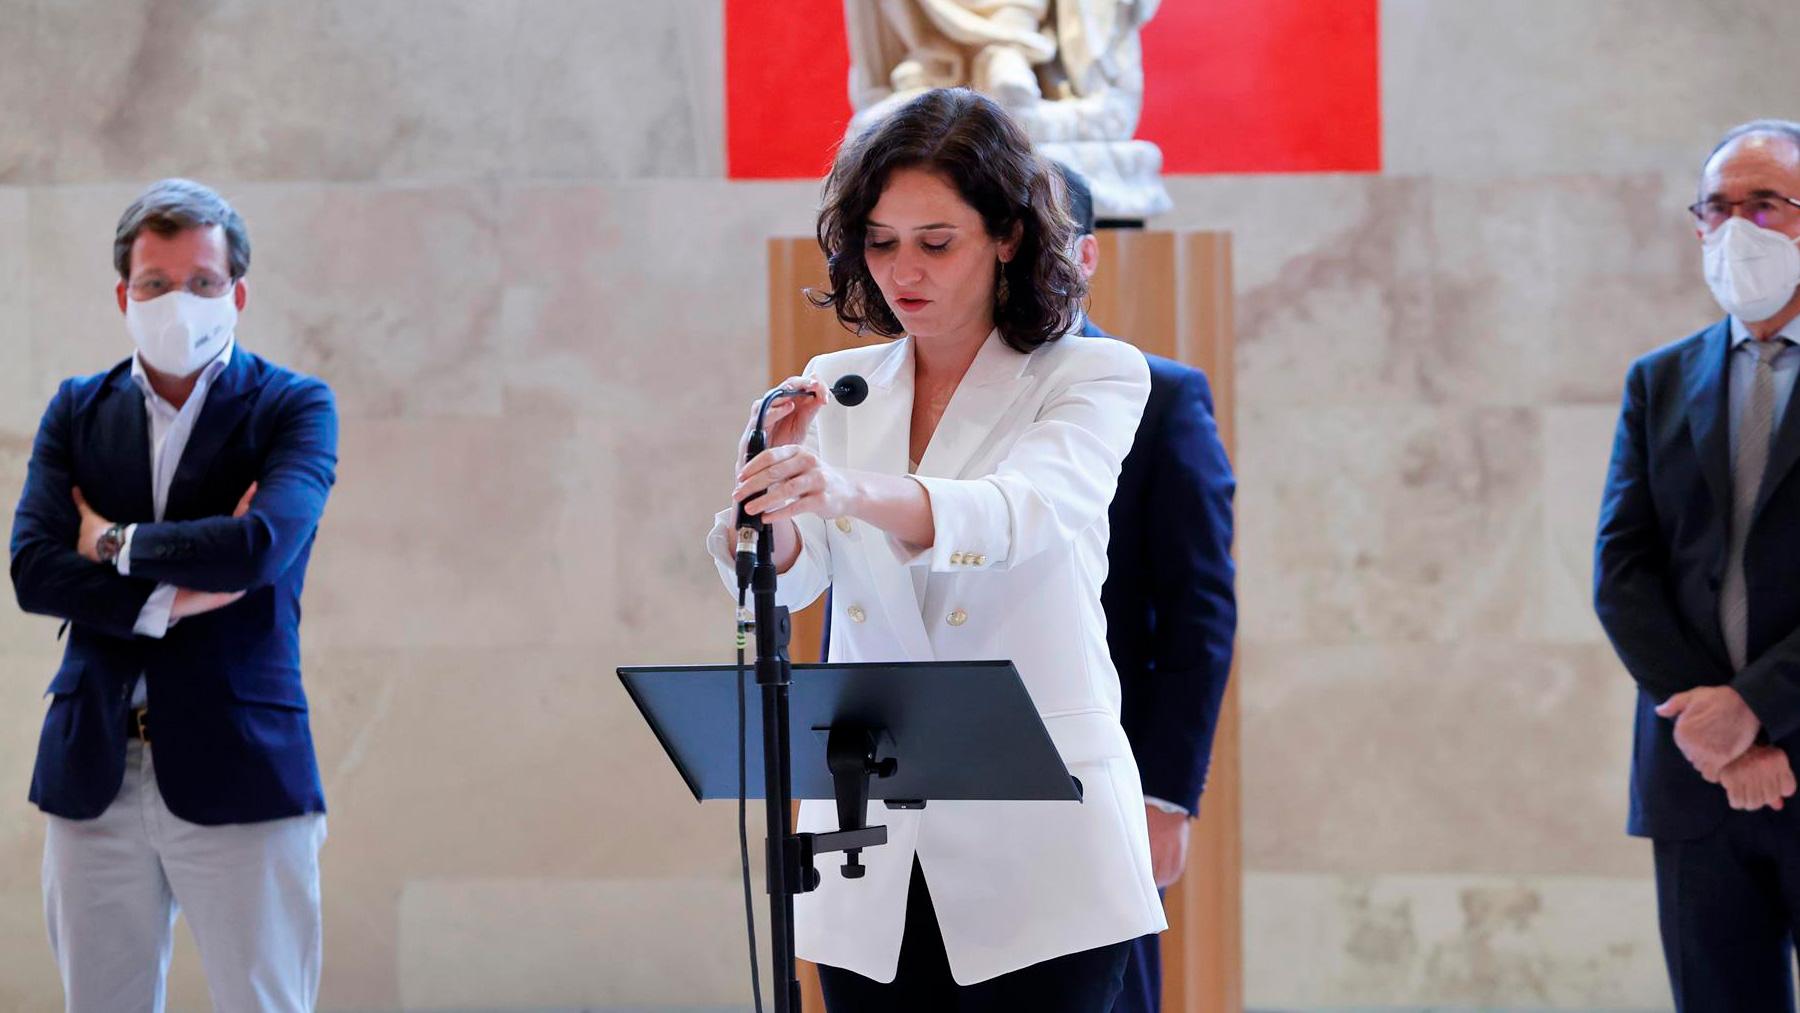 La presidenta de la Comunidad de Madrid, Isabel Díaz Ayuso, ofrece una rueda de prensa. Foto: EFE